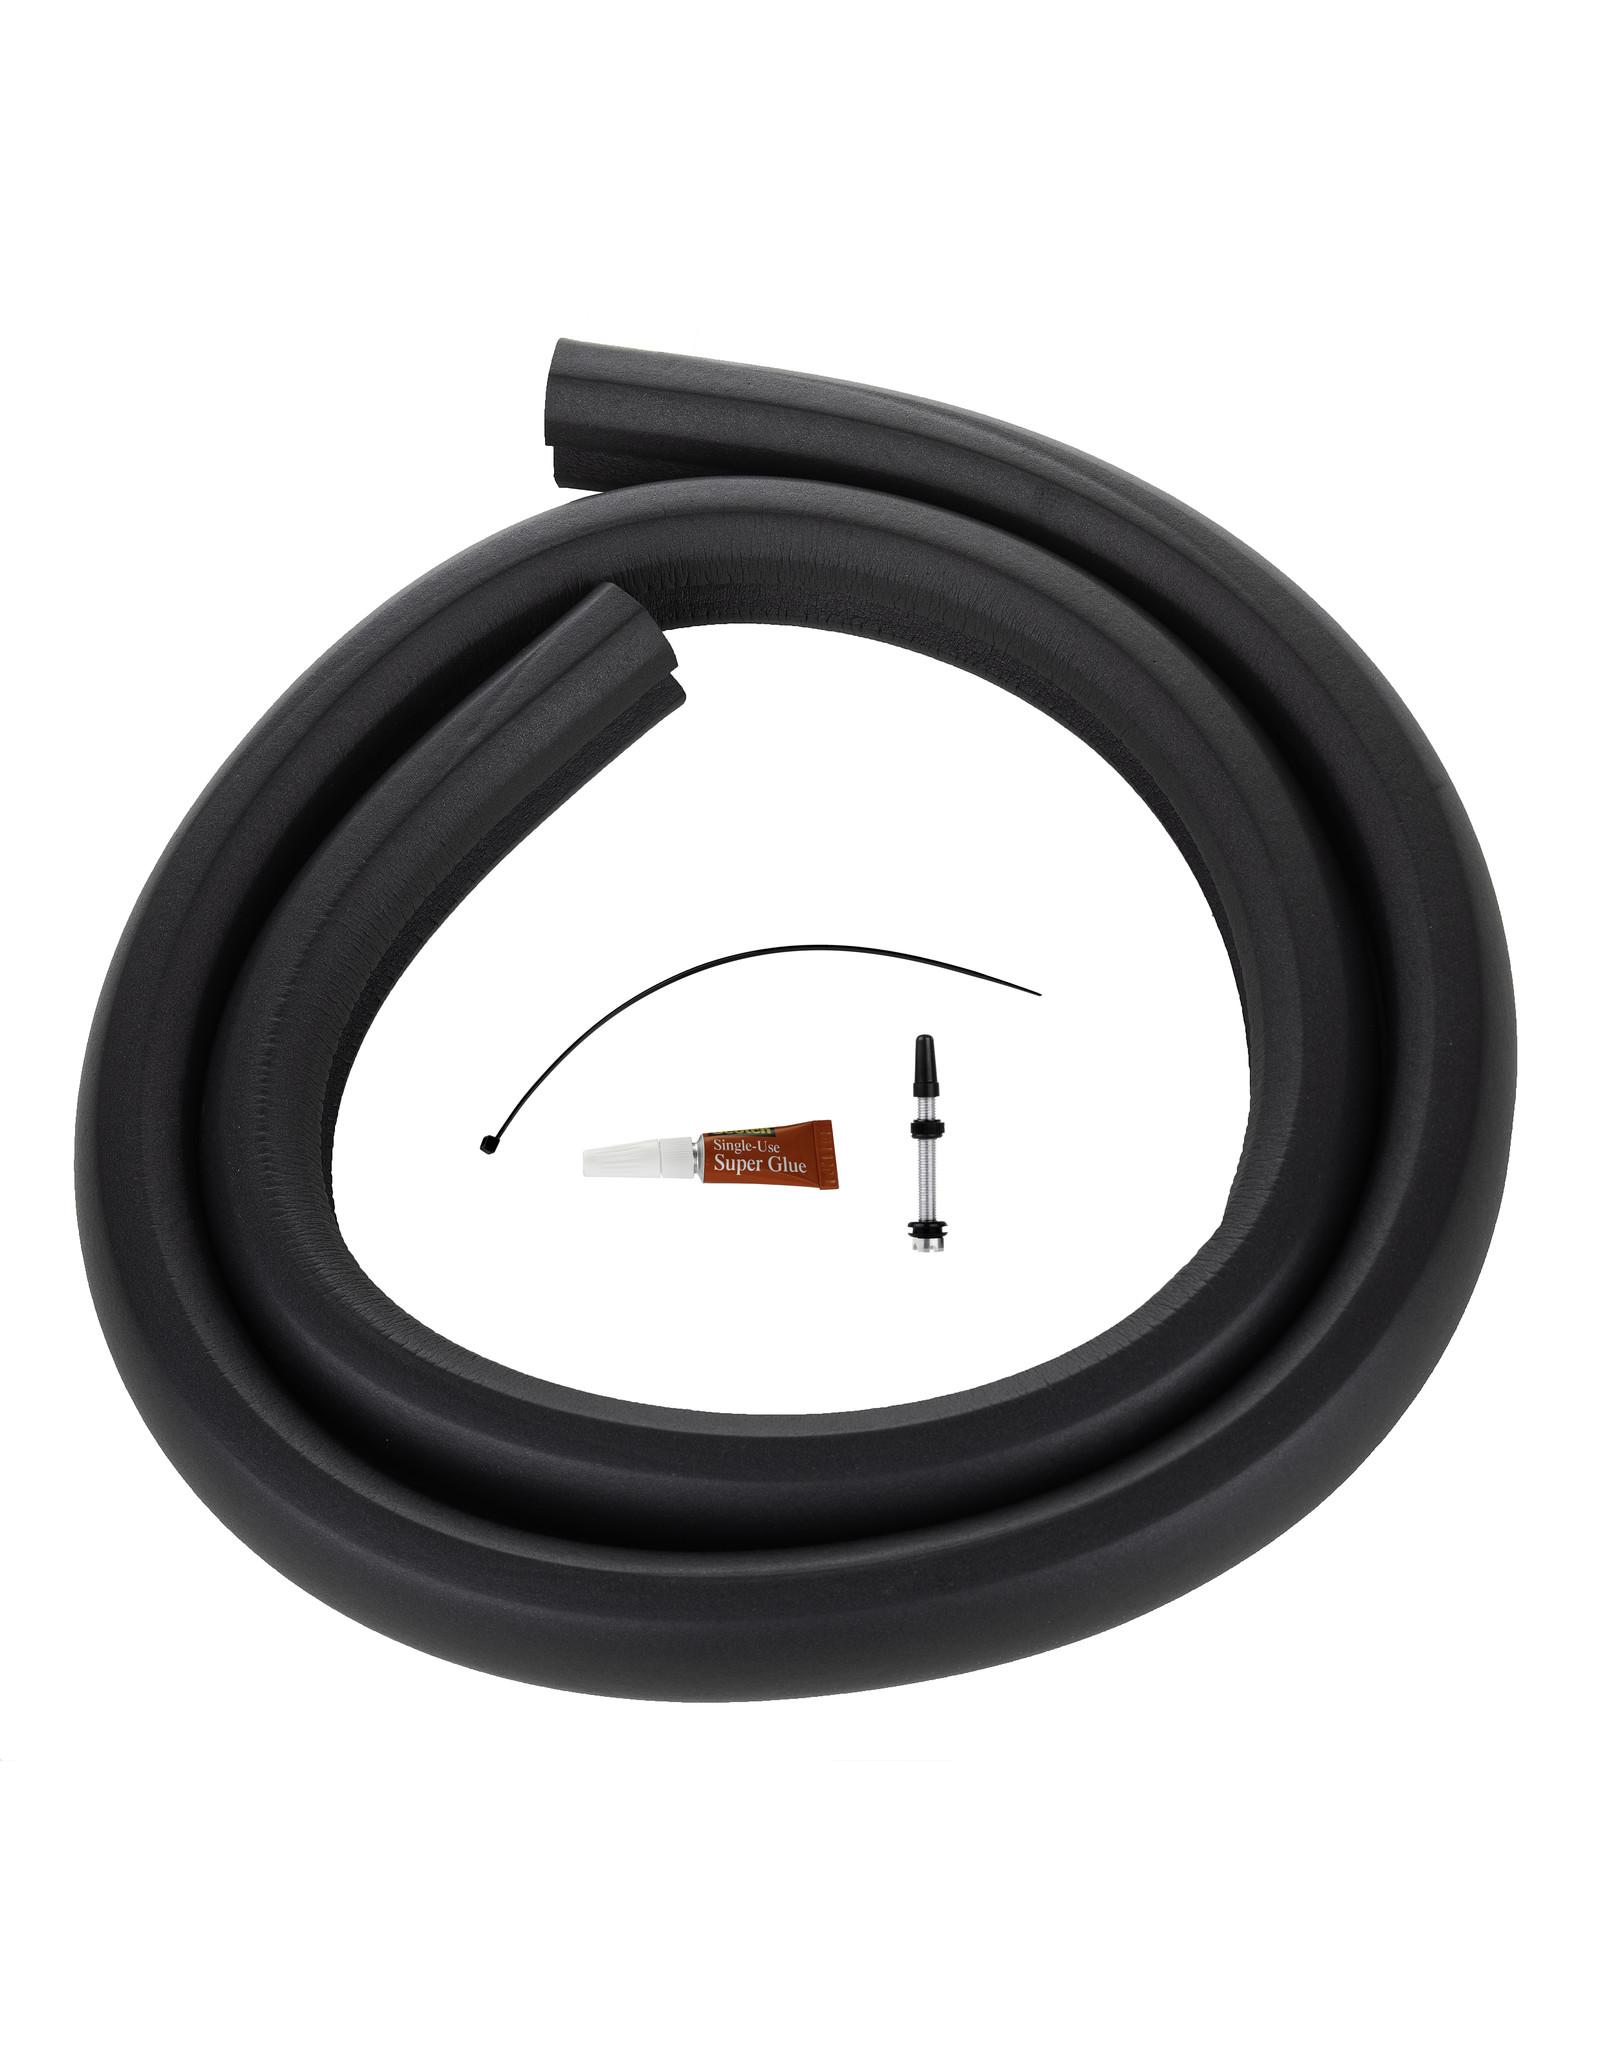 Flat Tire Defender FTD II 1pc Kit, 27.5